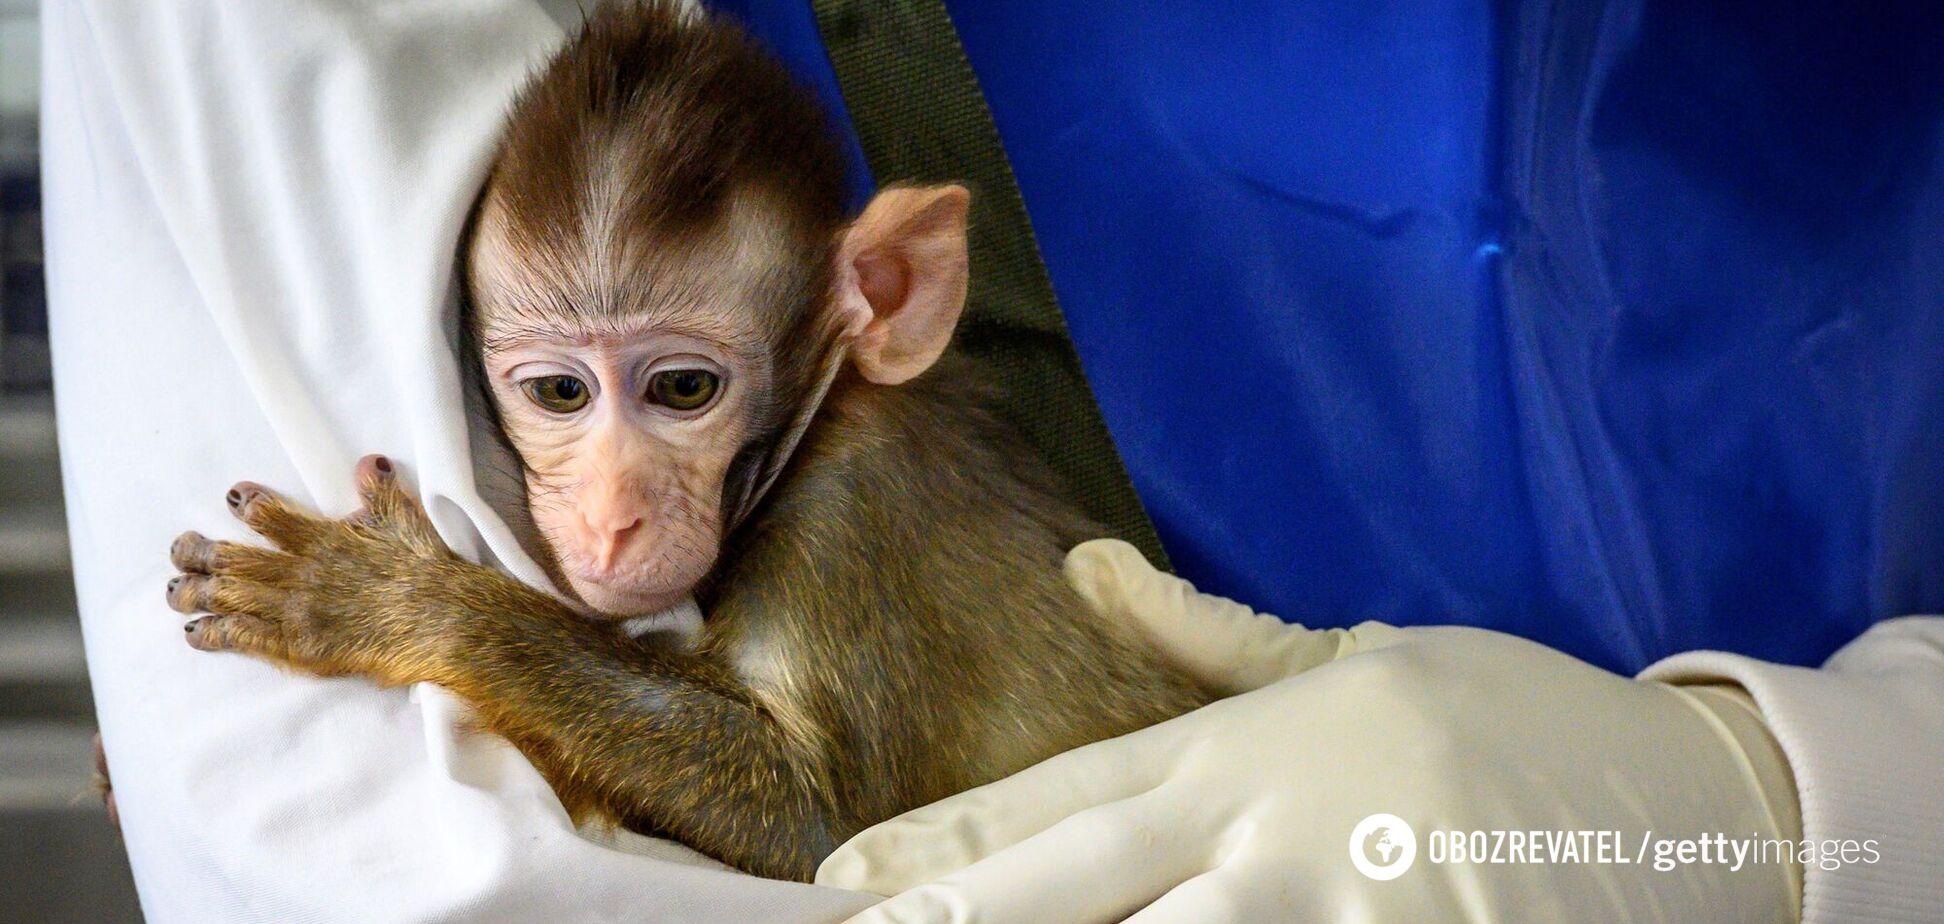 Вчені схрестили клітини людини та мавпи, виростивши химеру